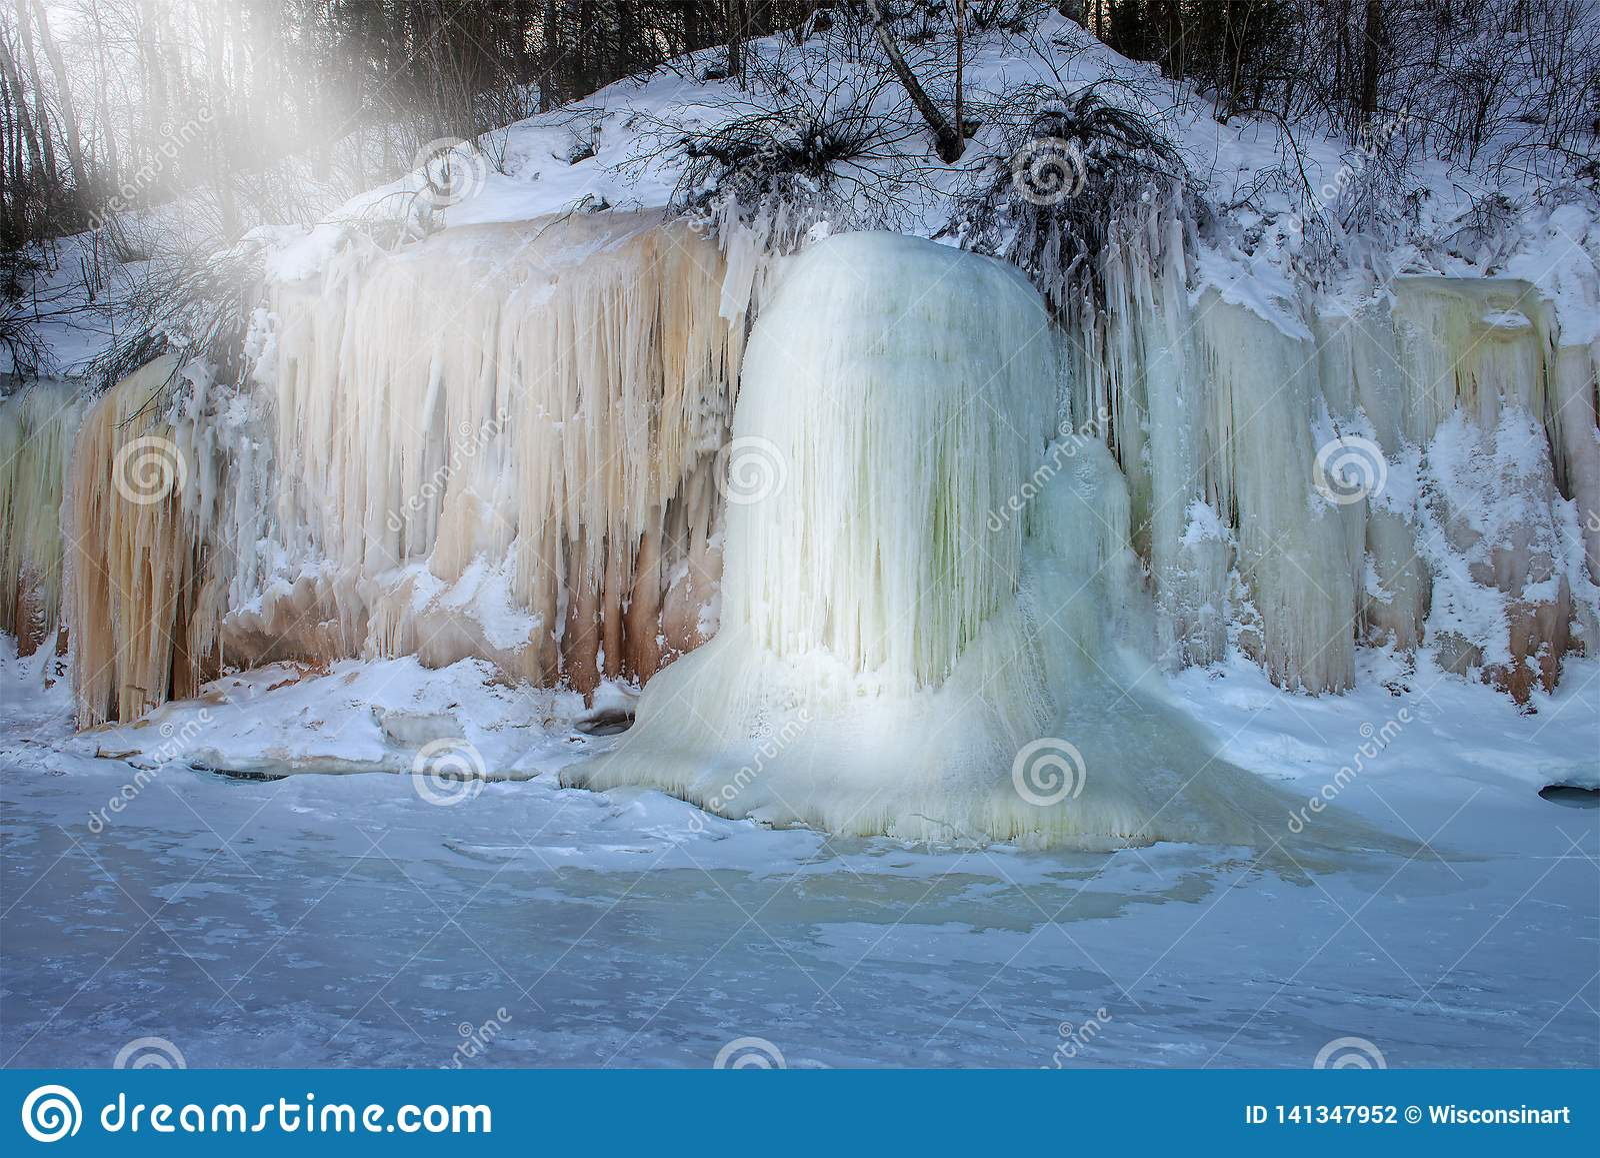 Apostoł wysp Lodowe jamy, zima, podróż Wisconsin